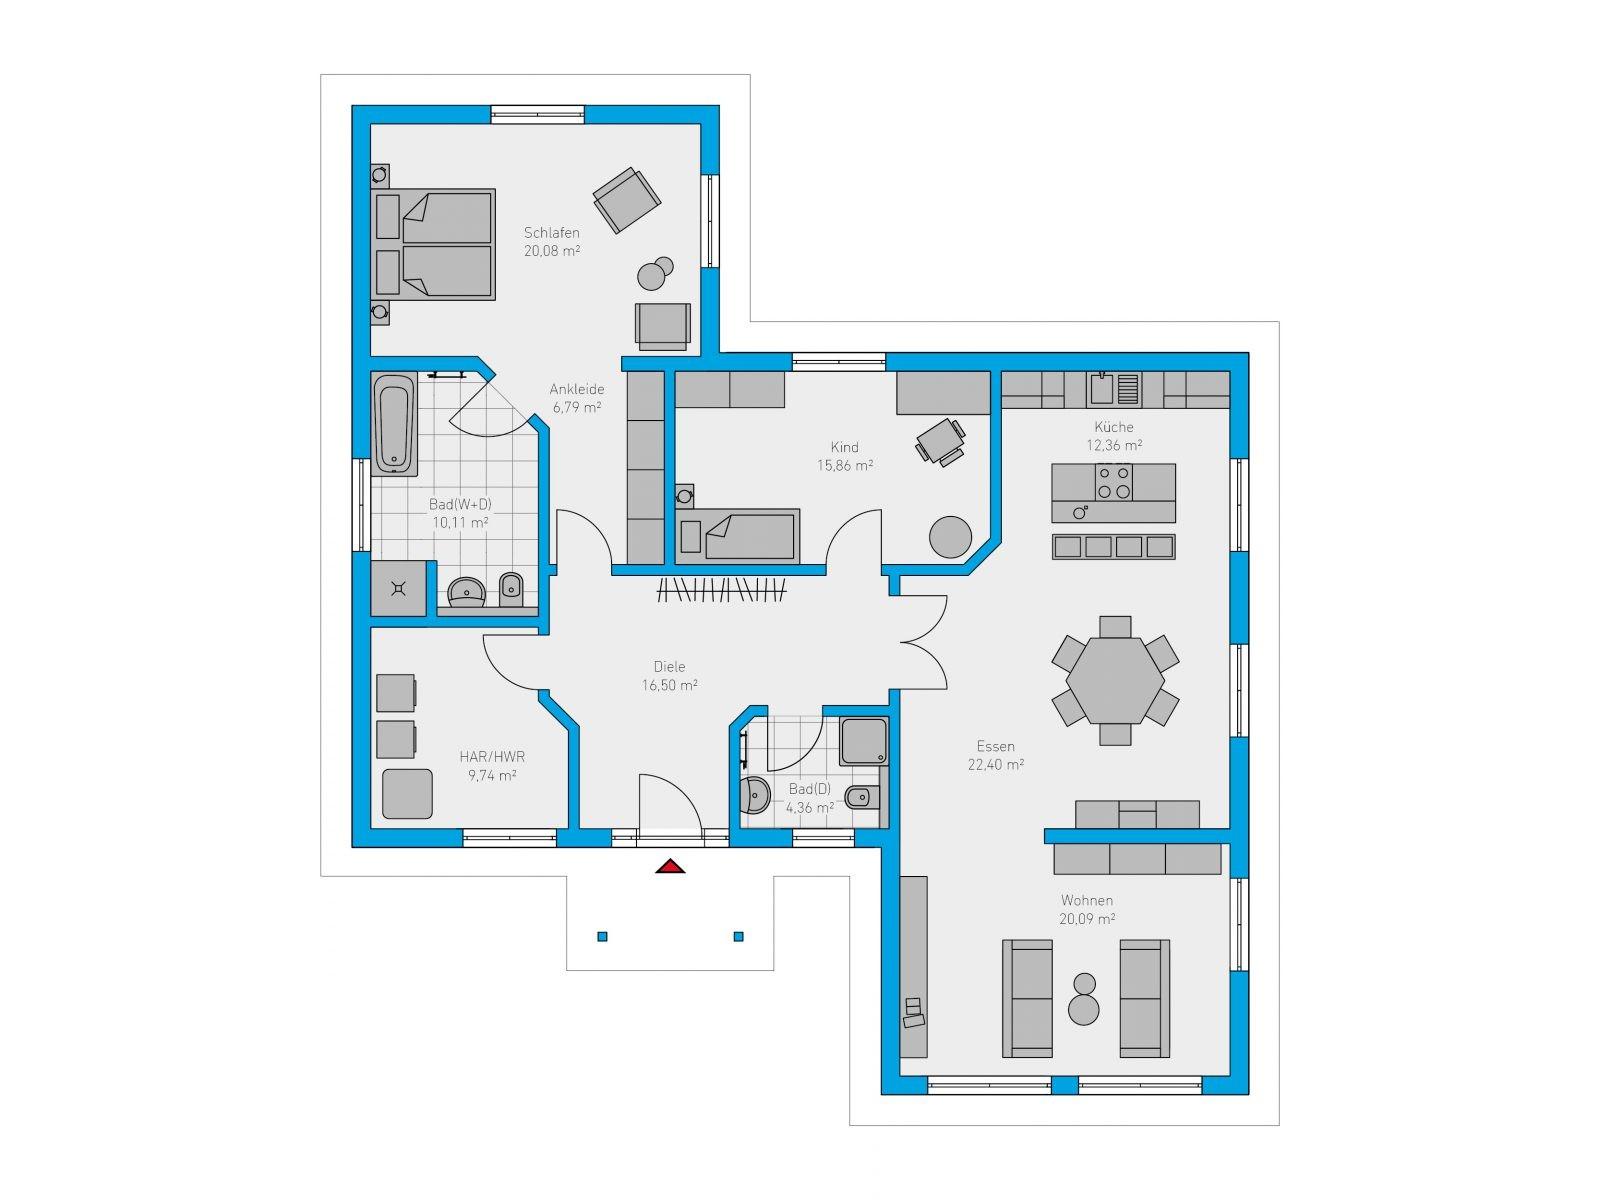 plana kchen saarbrcken trendy augsburg plana kchenland with plana kchen saarbrcken plana. Black Bedroom Furniture Sets. Home Design Ideas